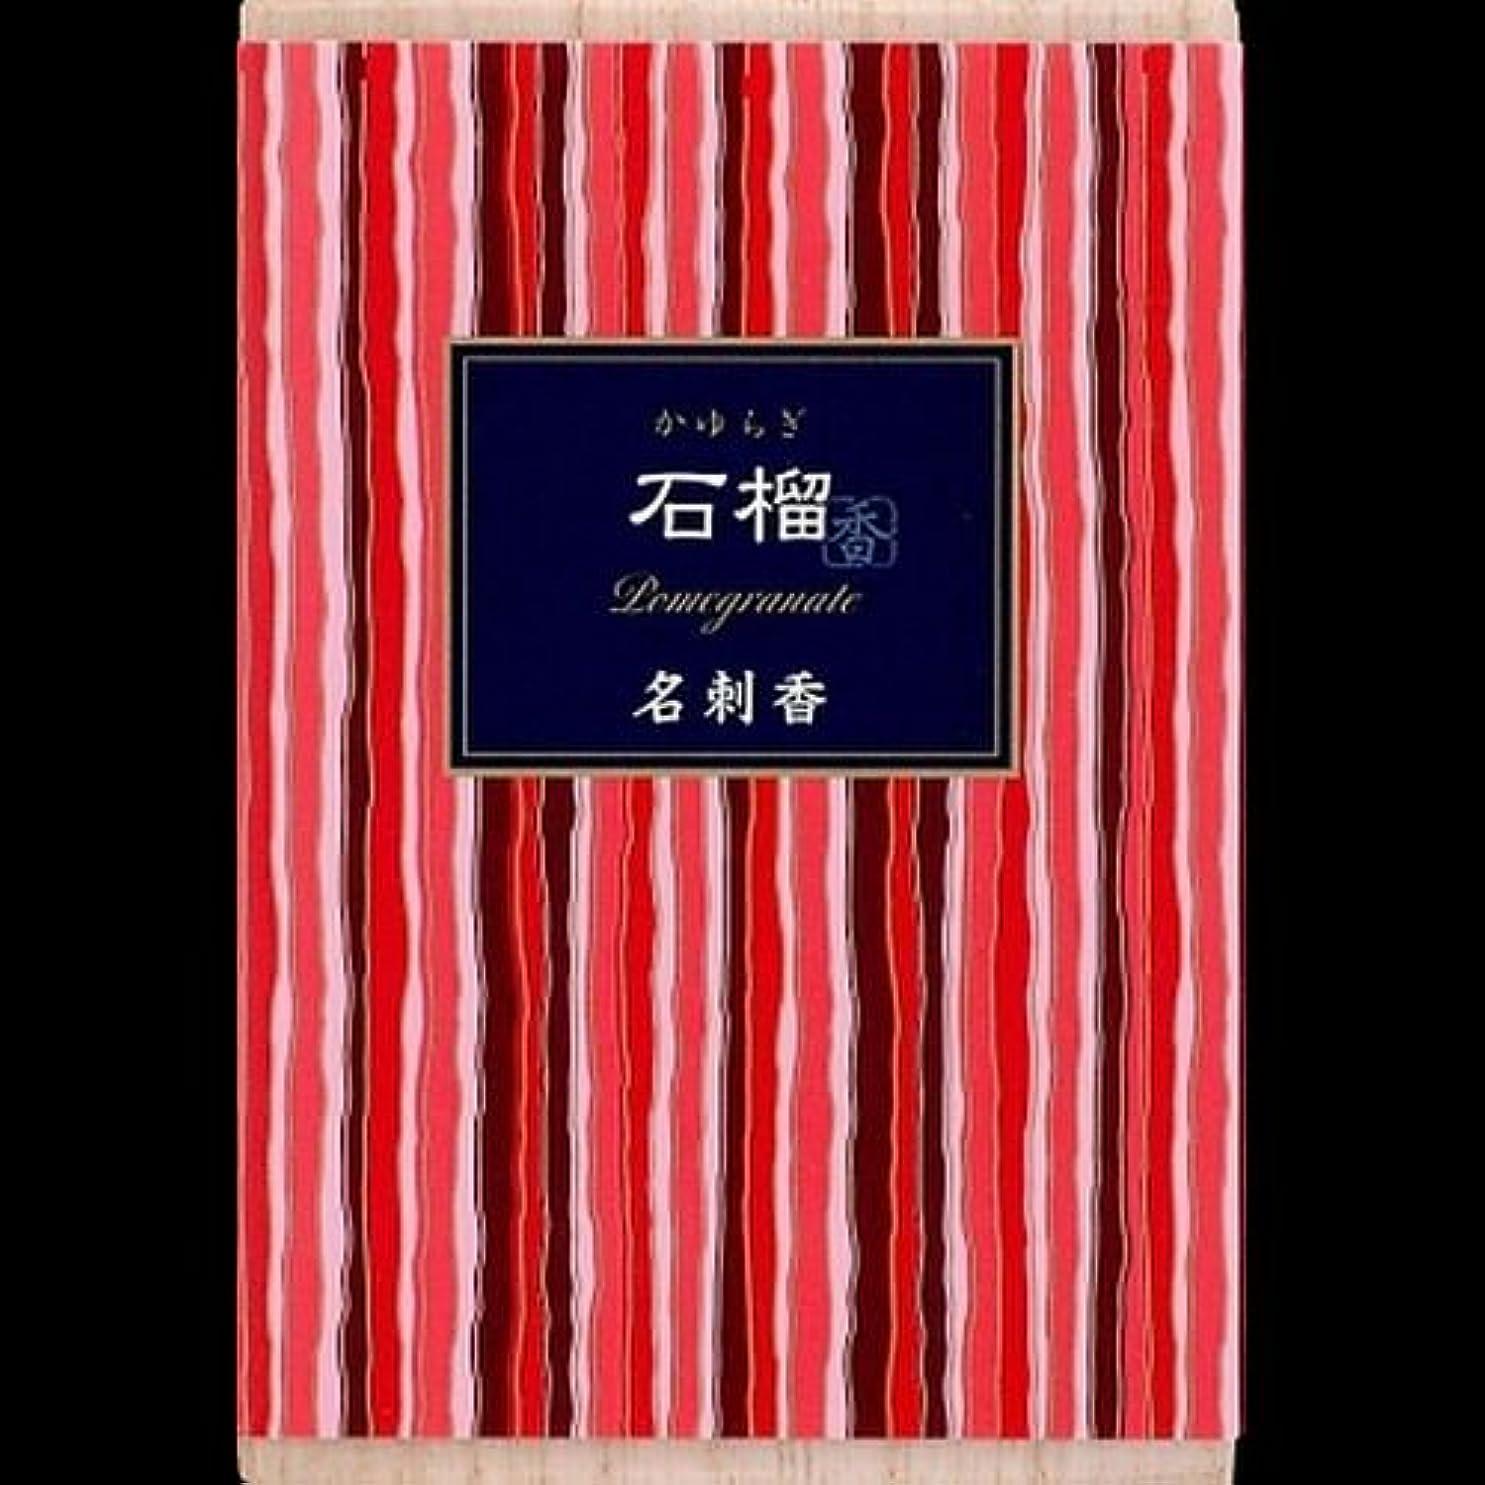 優勢日促進する【まとめ買い】かゆらぎ 石榴 名刺香 桐箱 6入 ×2セット